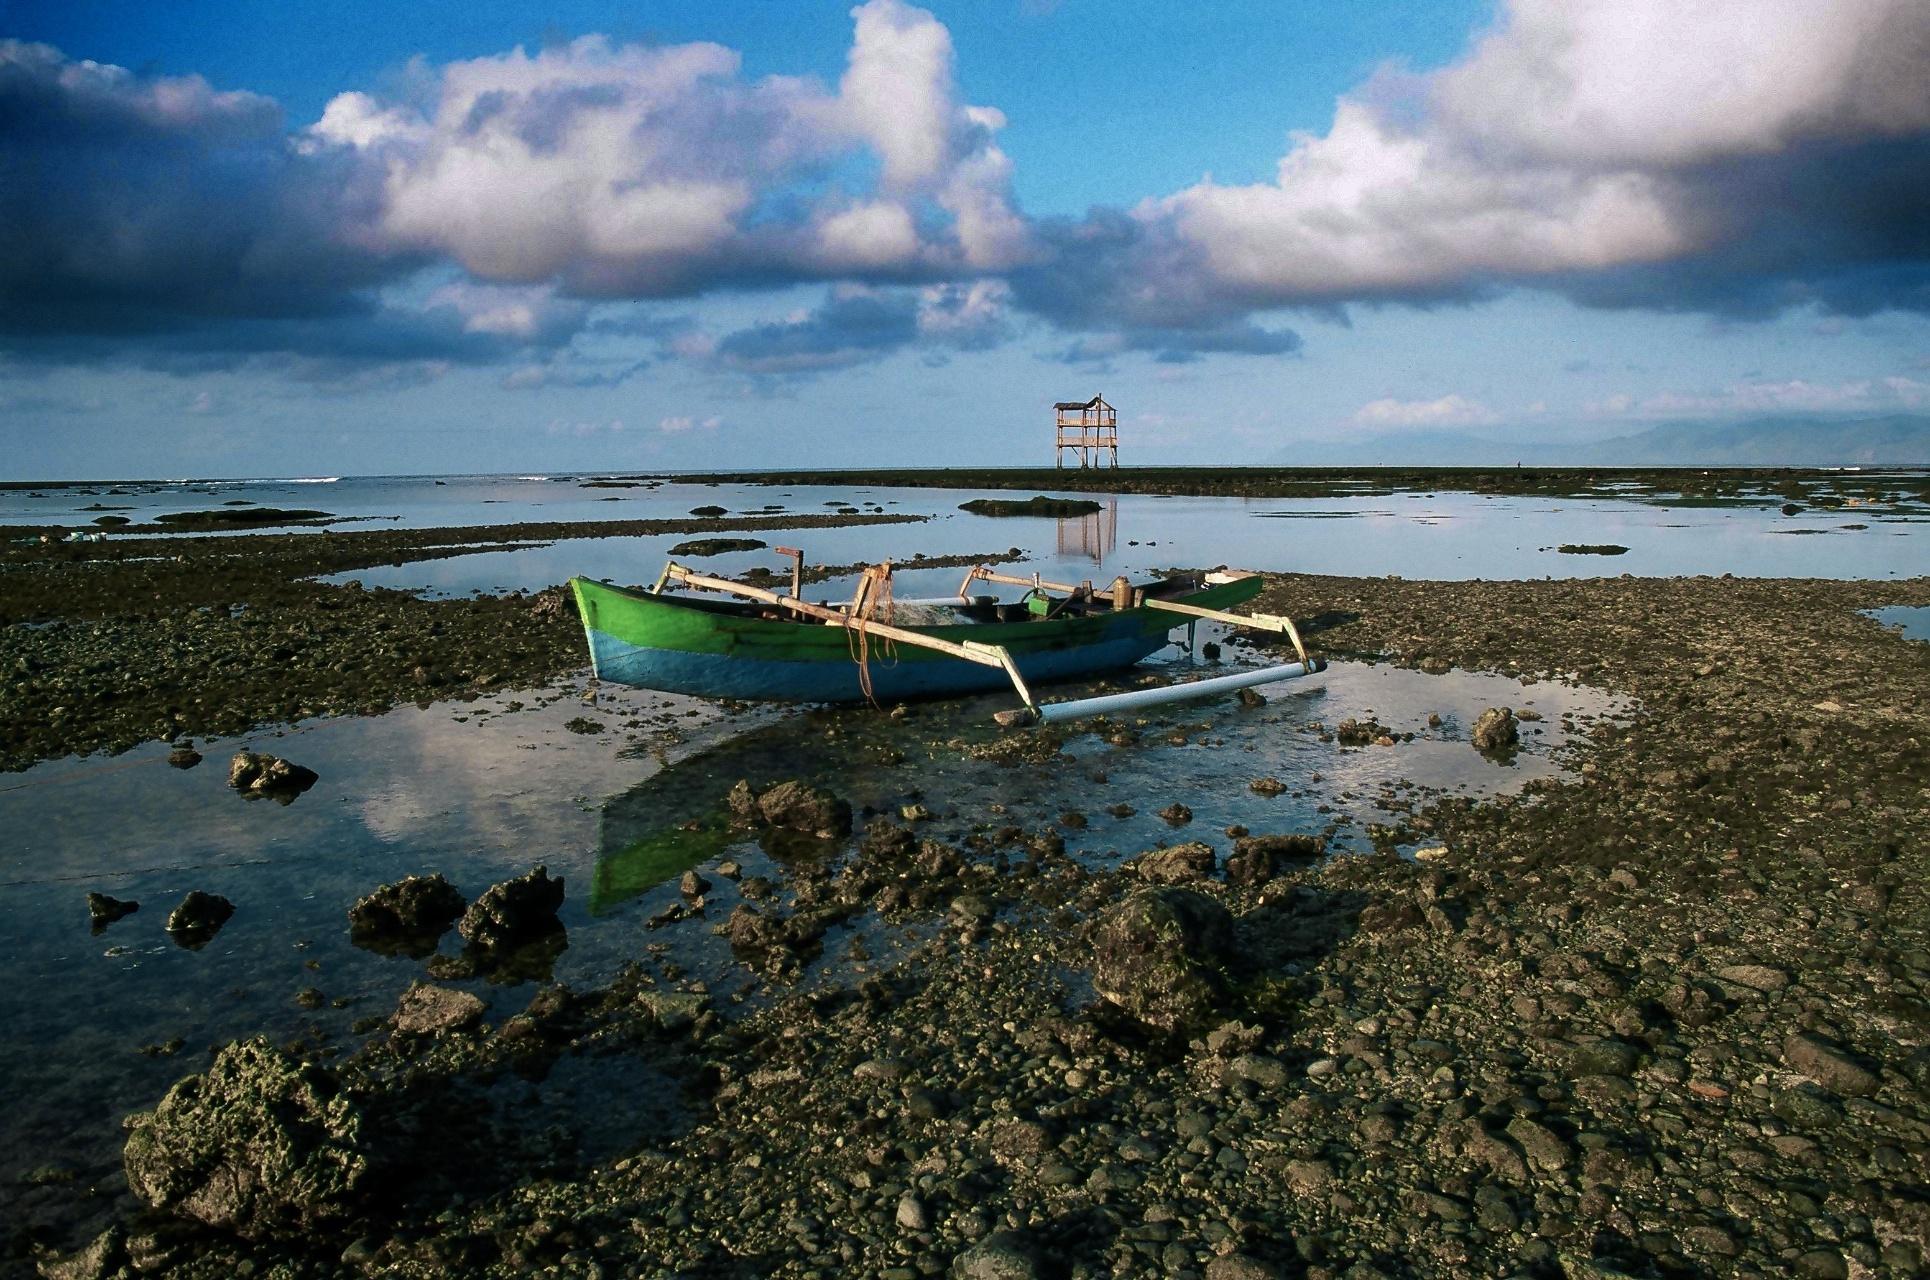 Sumbawa, Indonesia